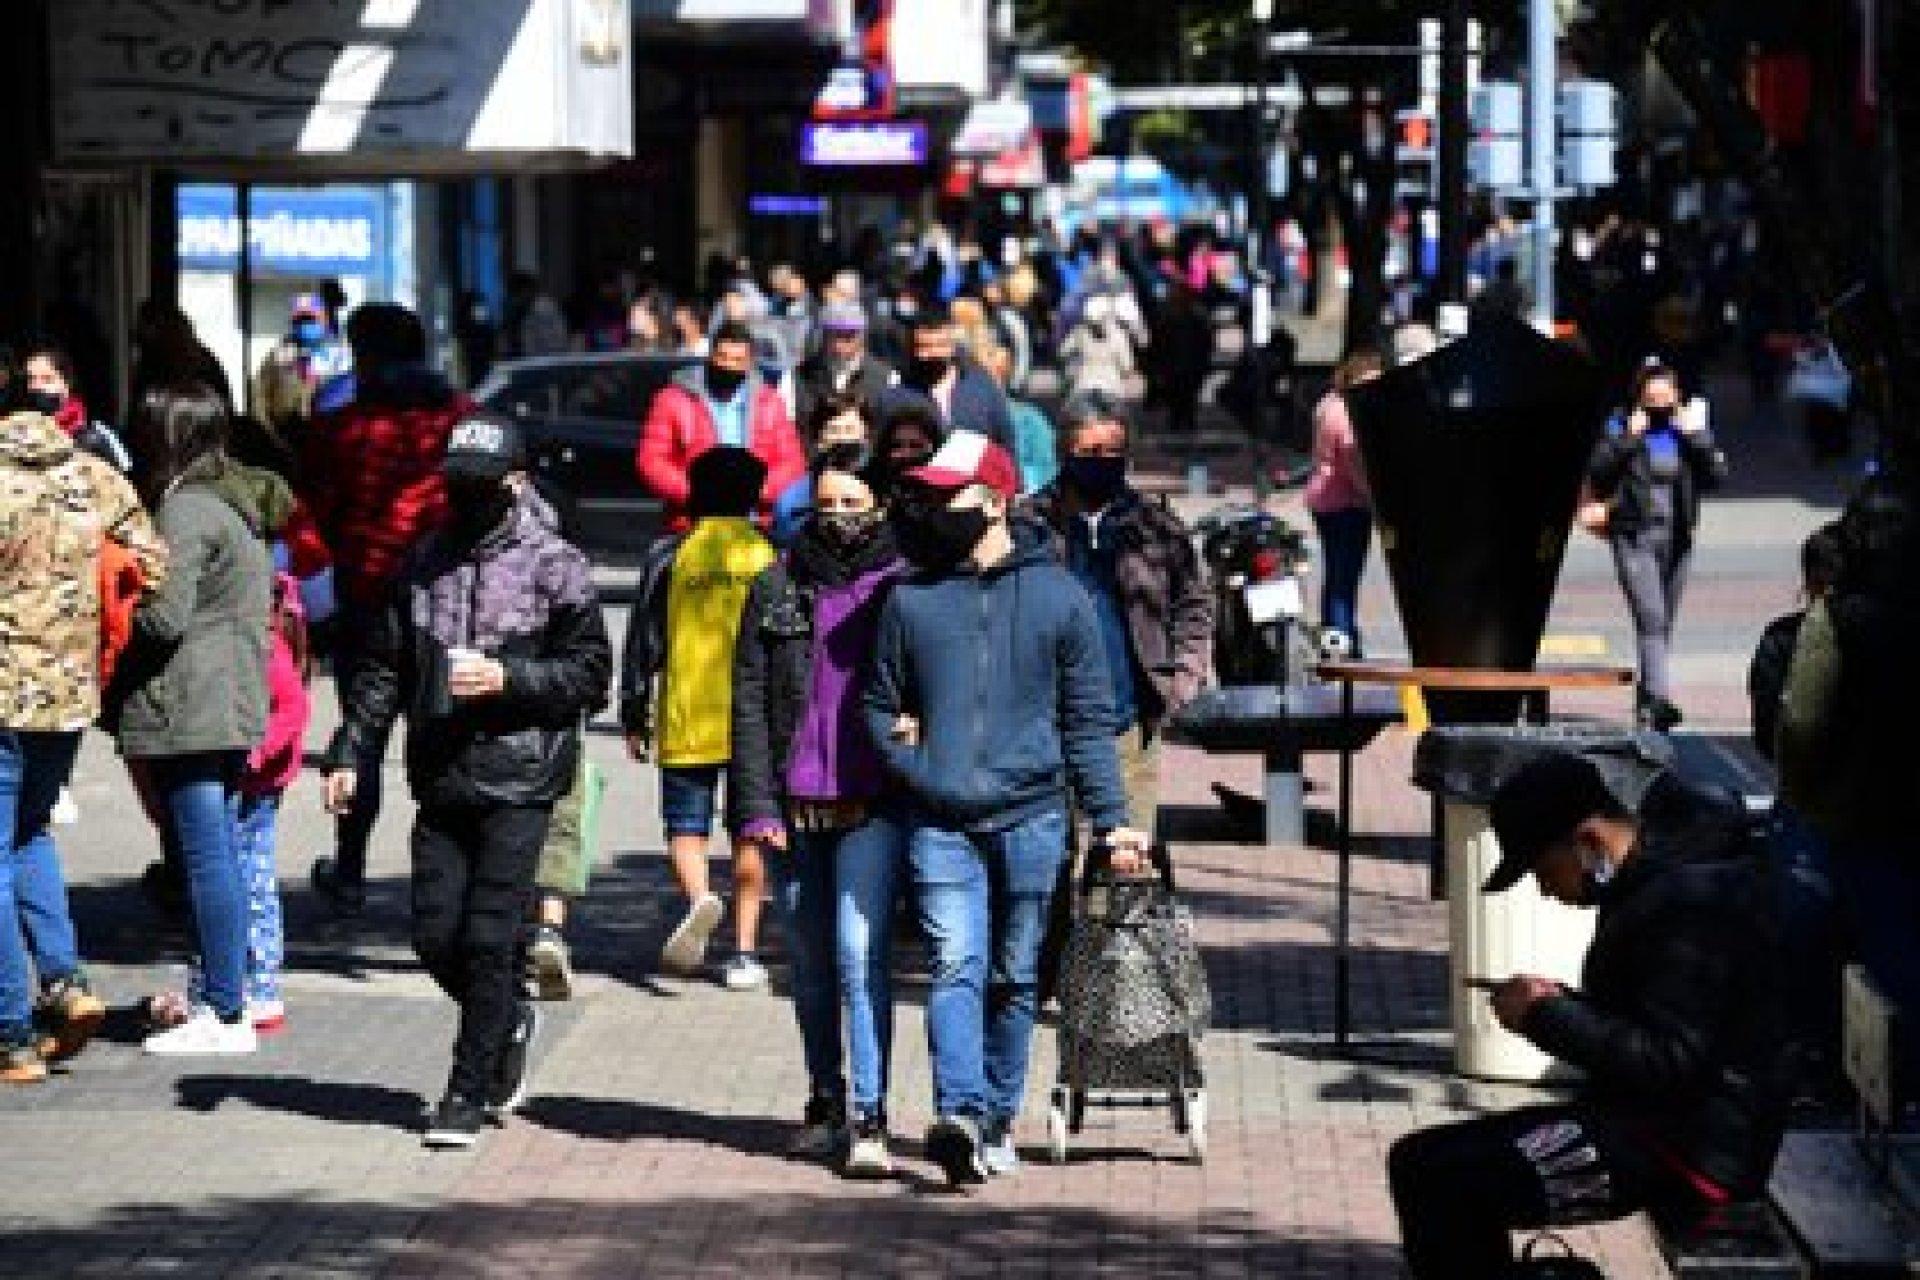 Paseos familiares, compras y poca distancia social (Centro comercial de Quilmes)